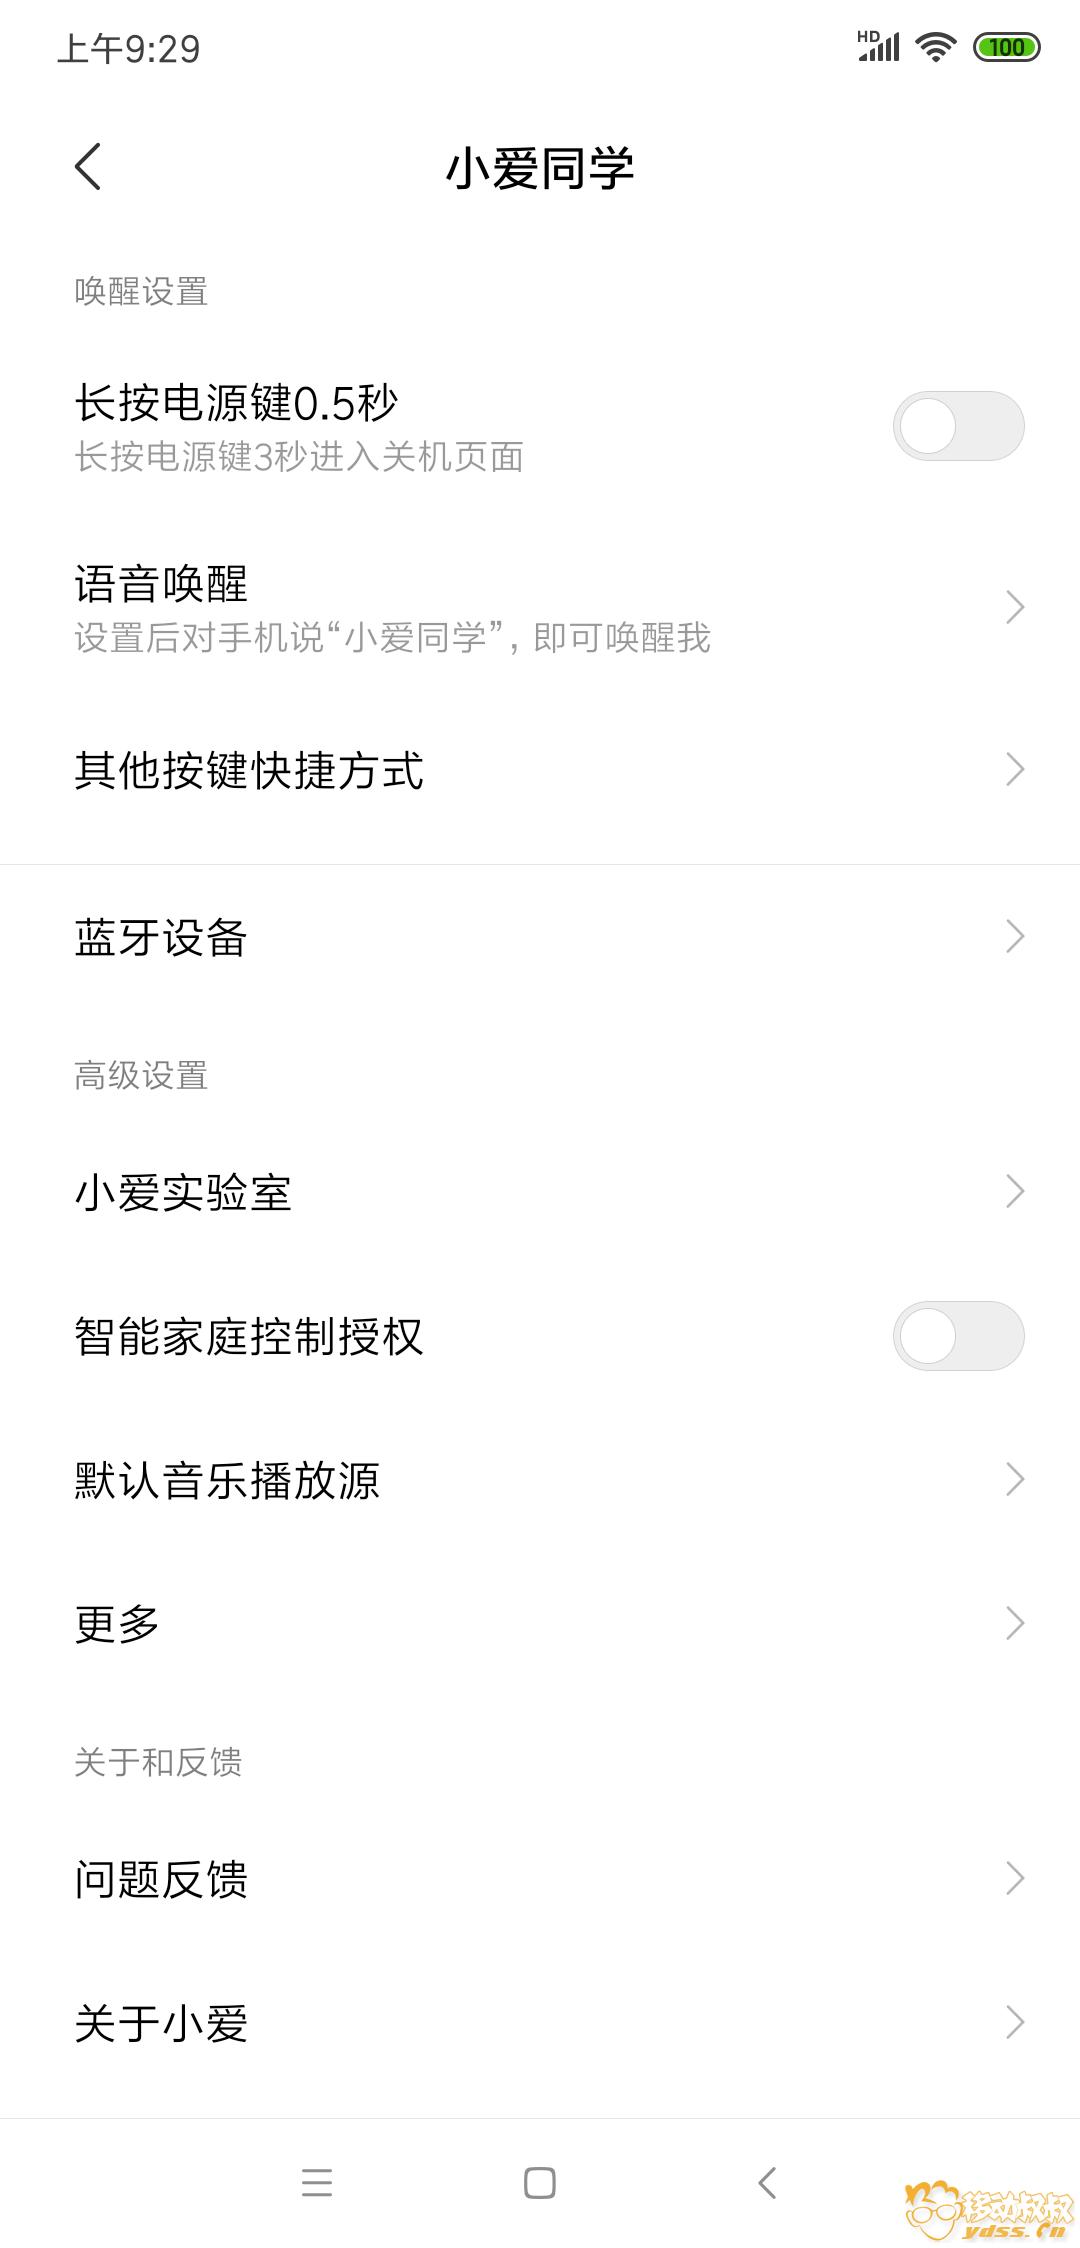 Screenshot_2019-10-05-09-29-40-496_com.miui.voiceassist.png